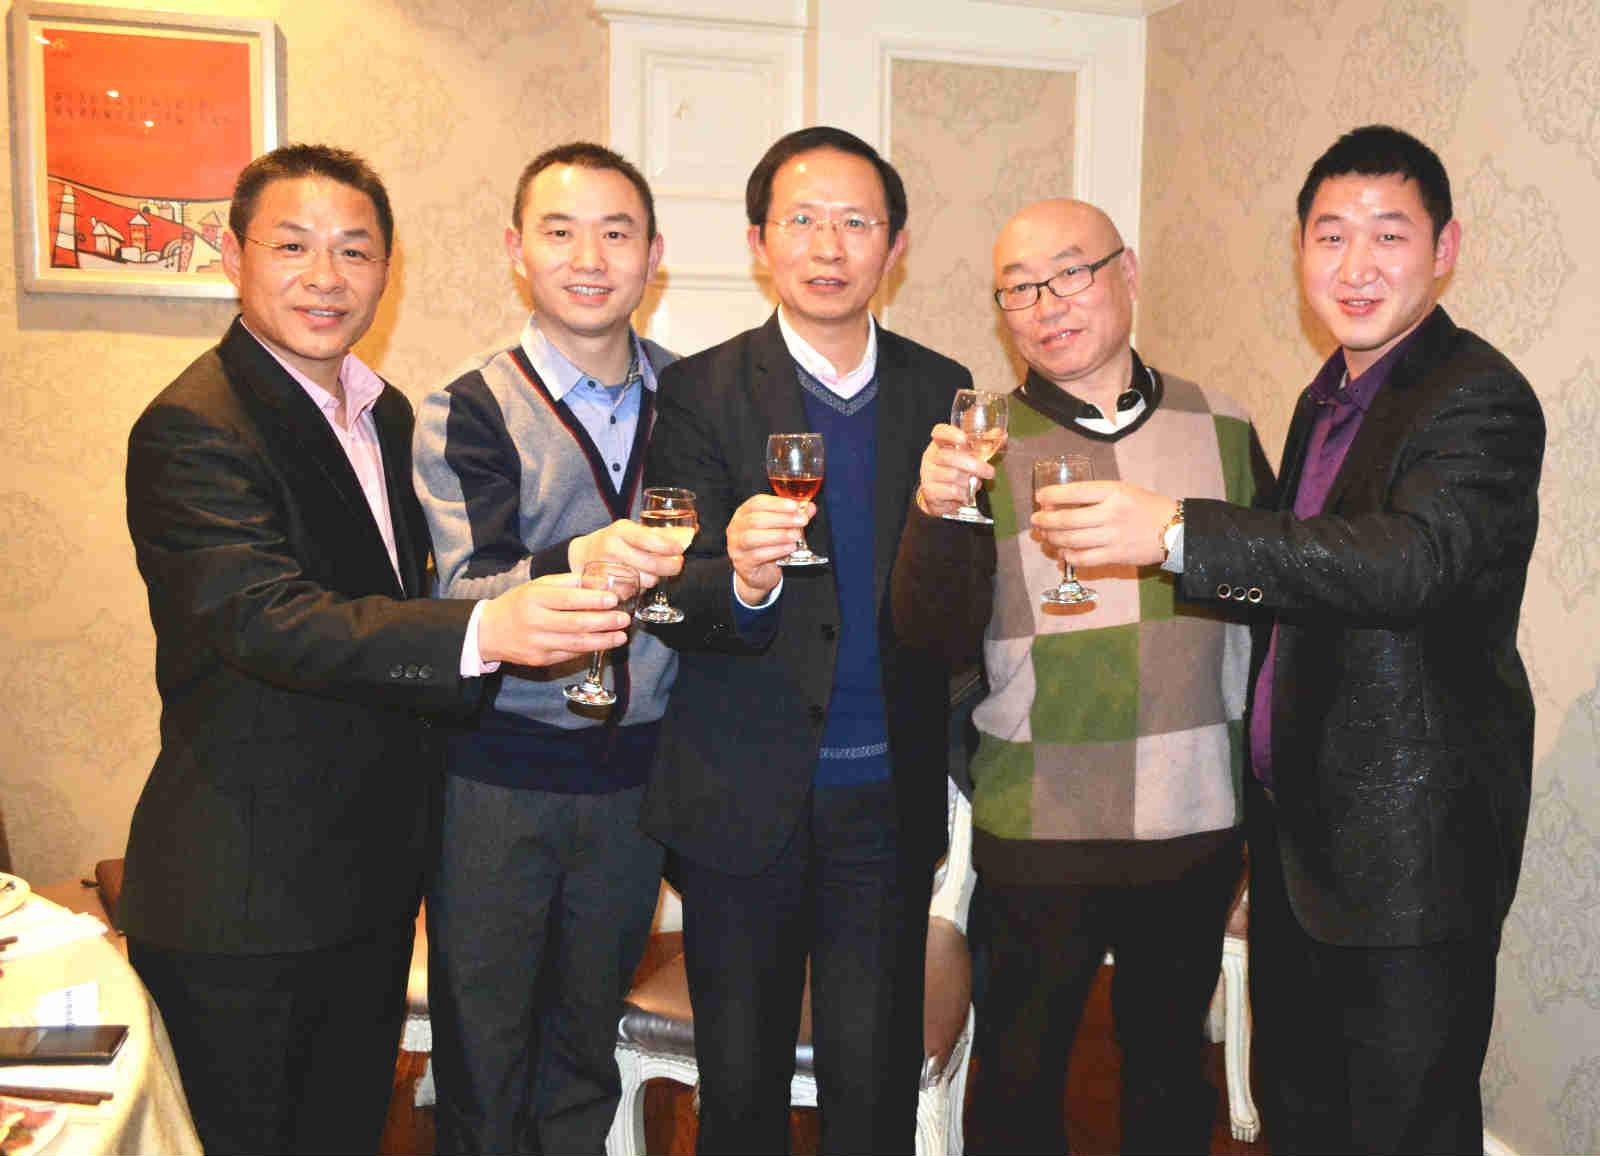 安理护国际(香港)企业发展有限公司总裁张文译(右二)与好友企业家们也参加了品鉴会 吴礼明 摄.jpg